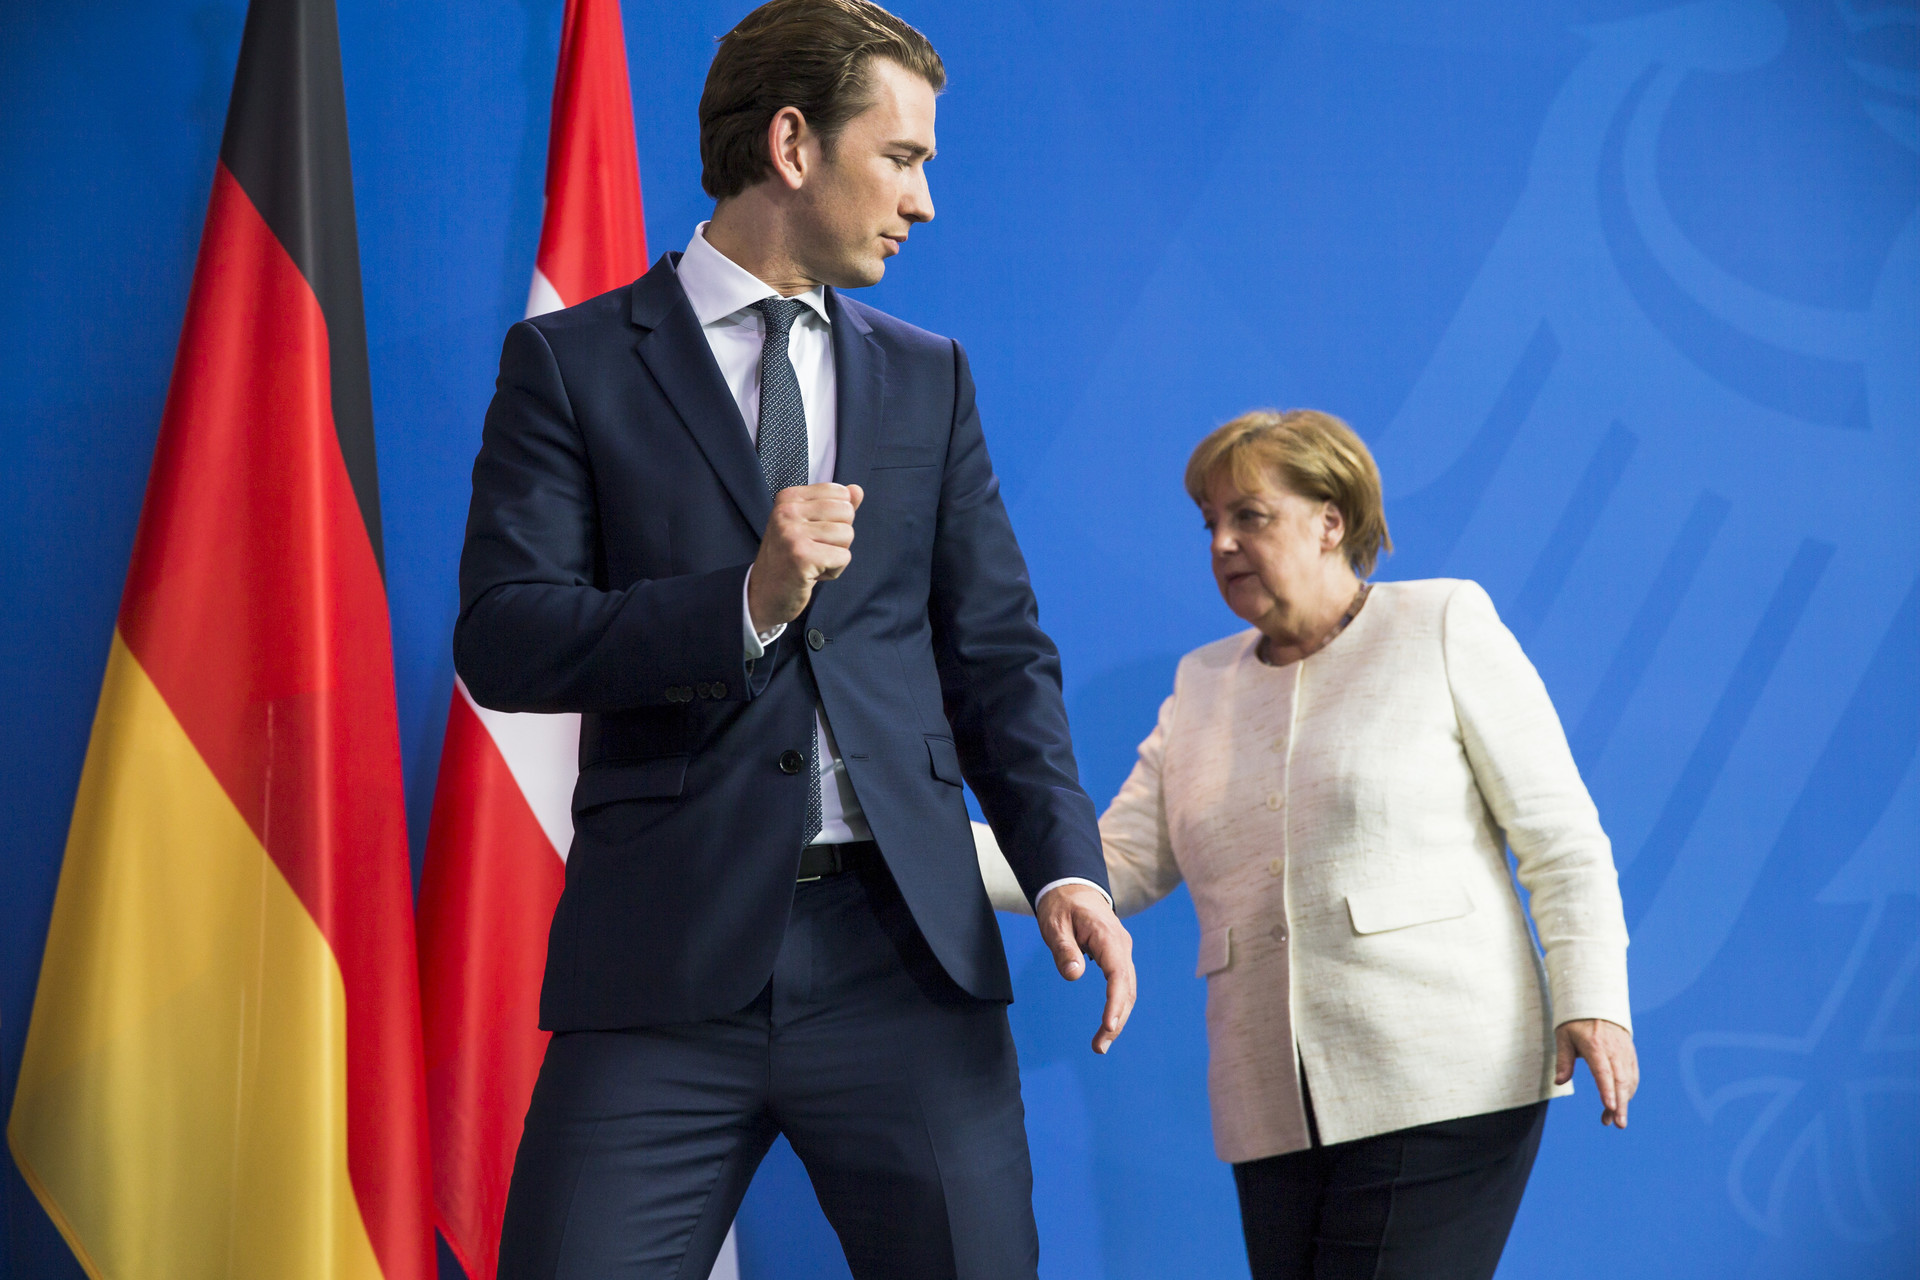 Германию уличили вшпионаже заМАГАТЭ, ОБСЕ и руководством Австрии